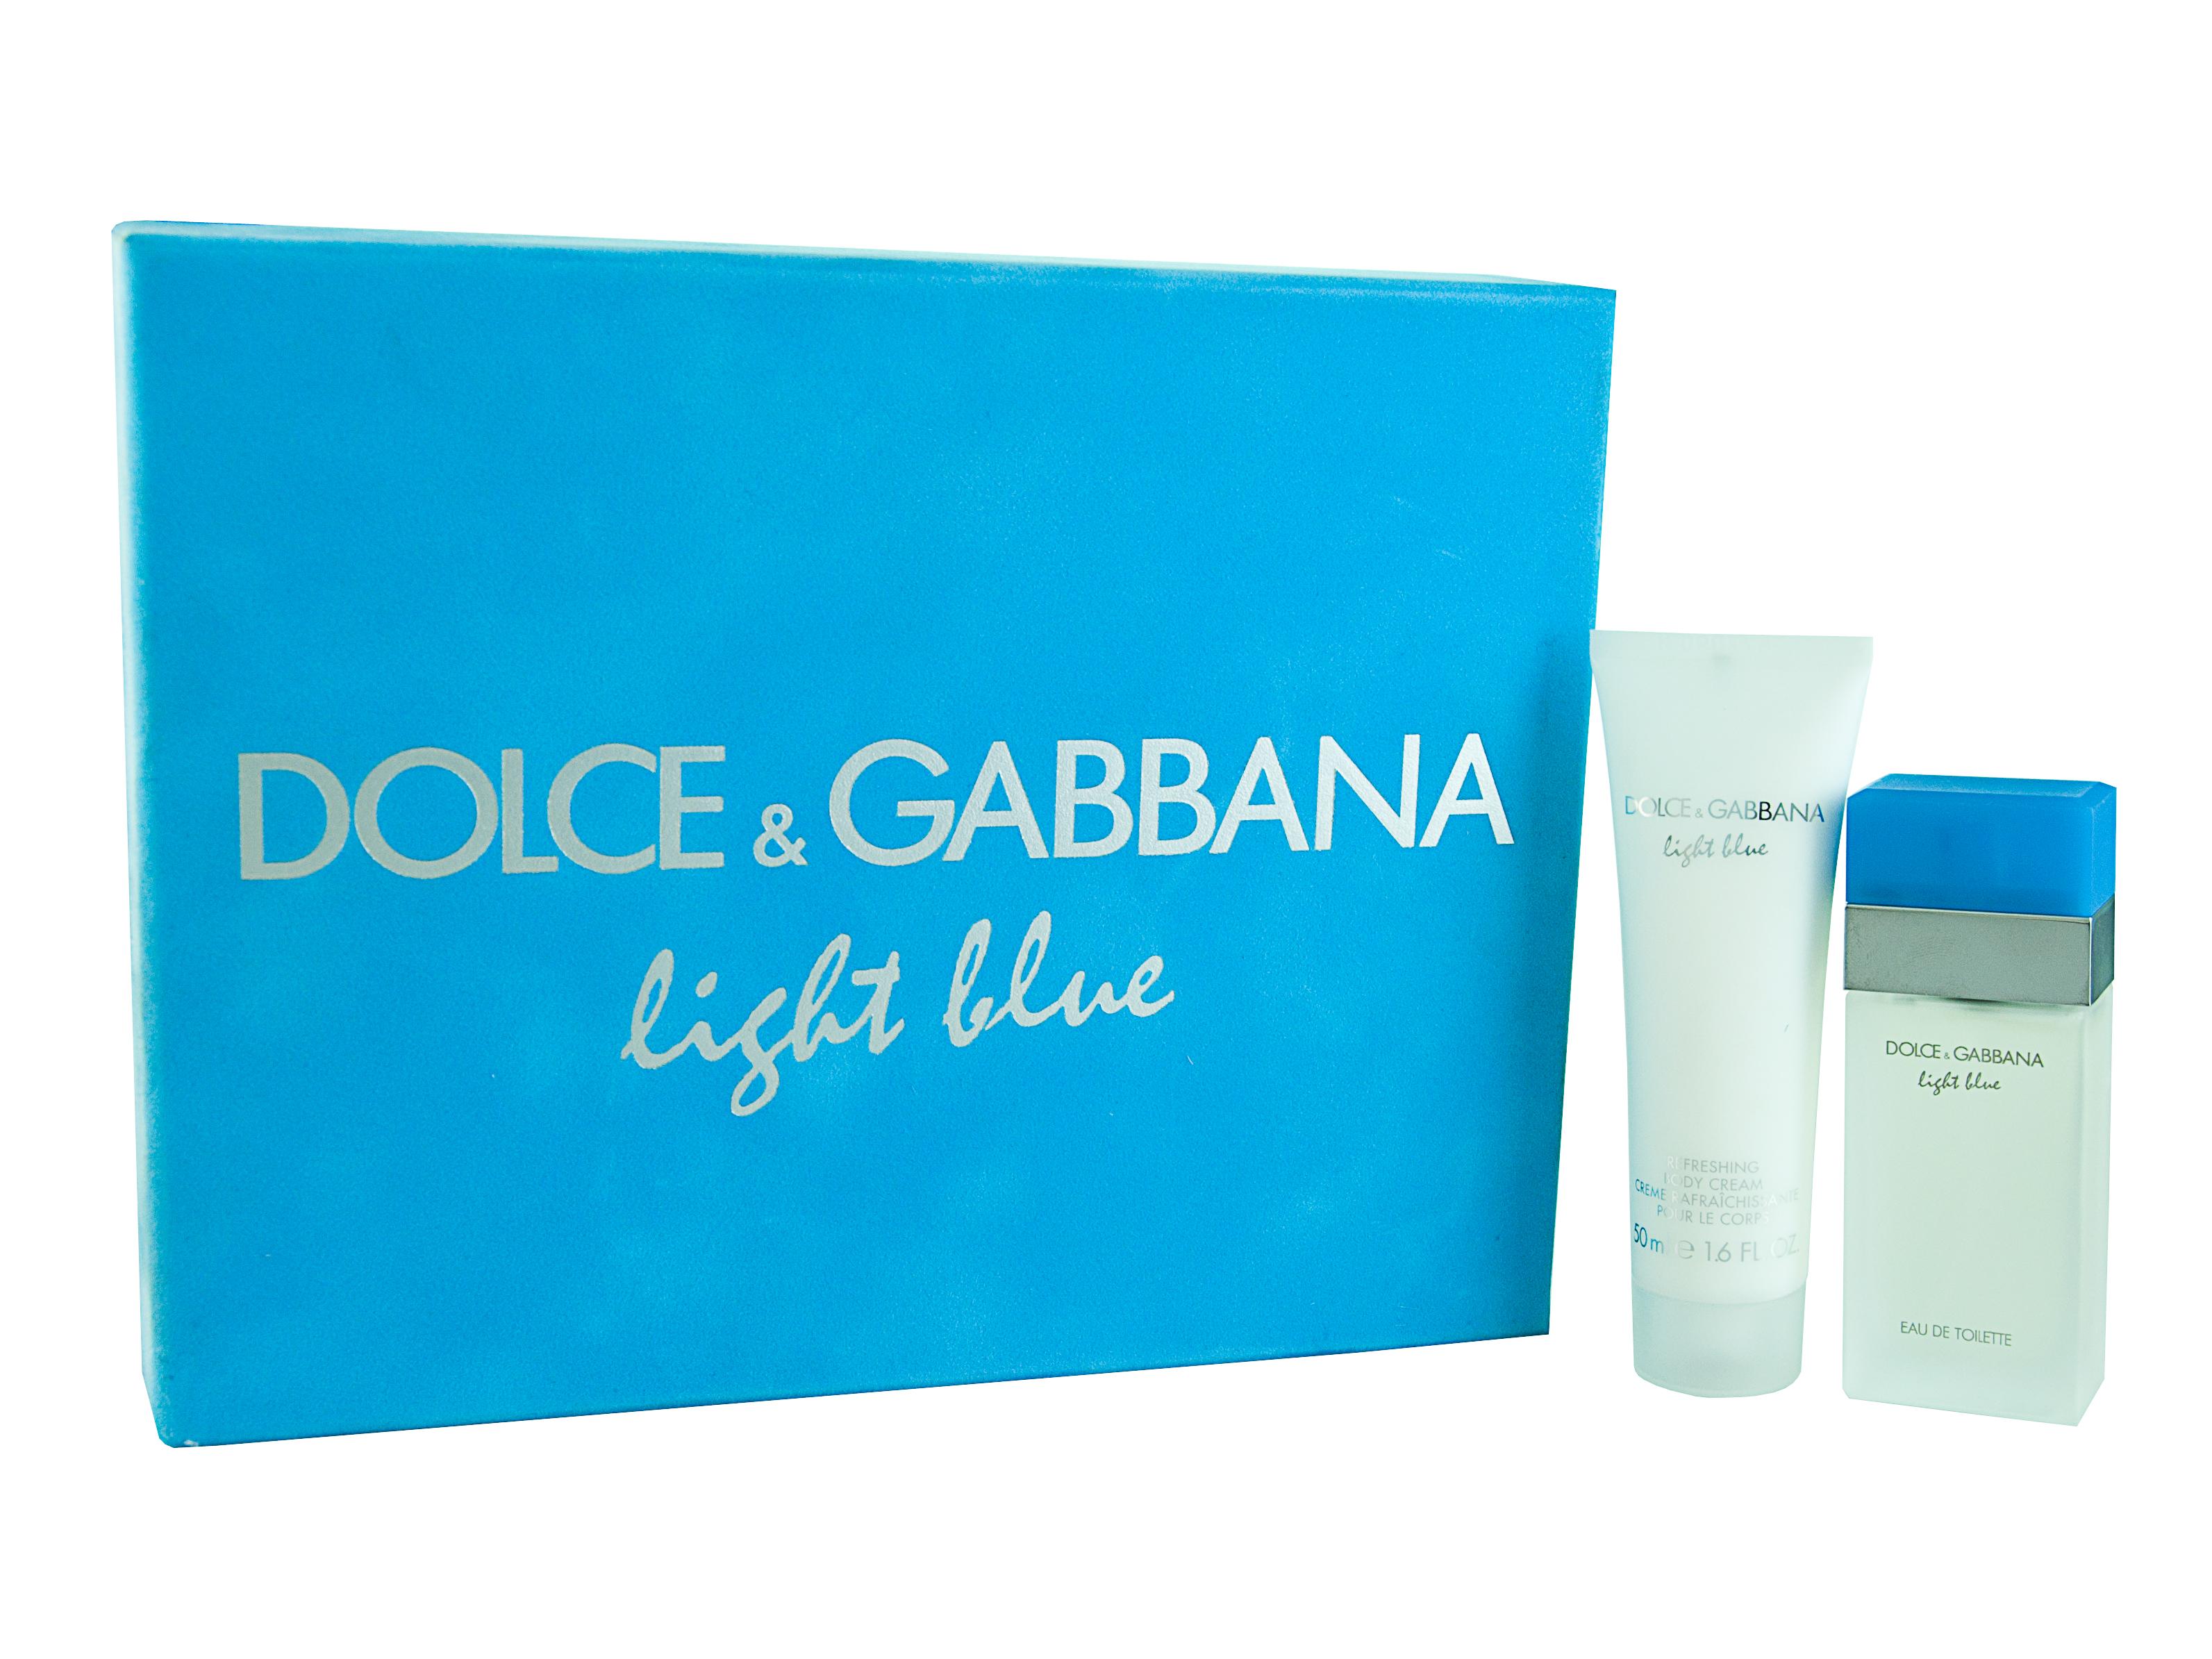 Dolce & Gabbana Light Blue Eau de Toilette 2 Pieces Gift Set